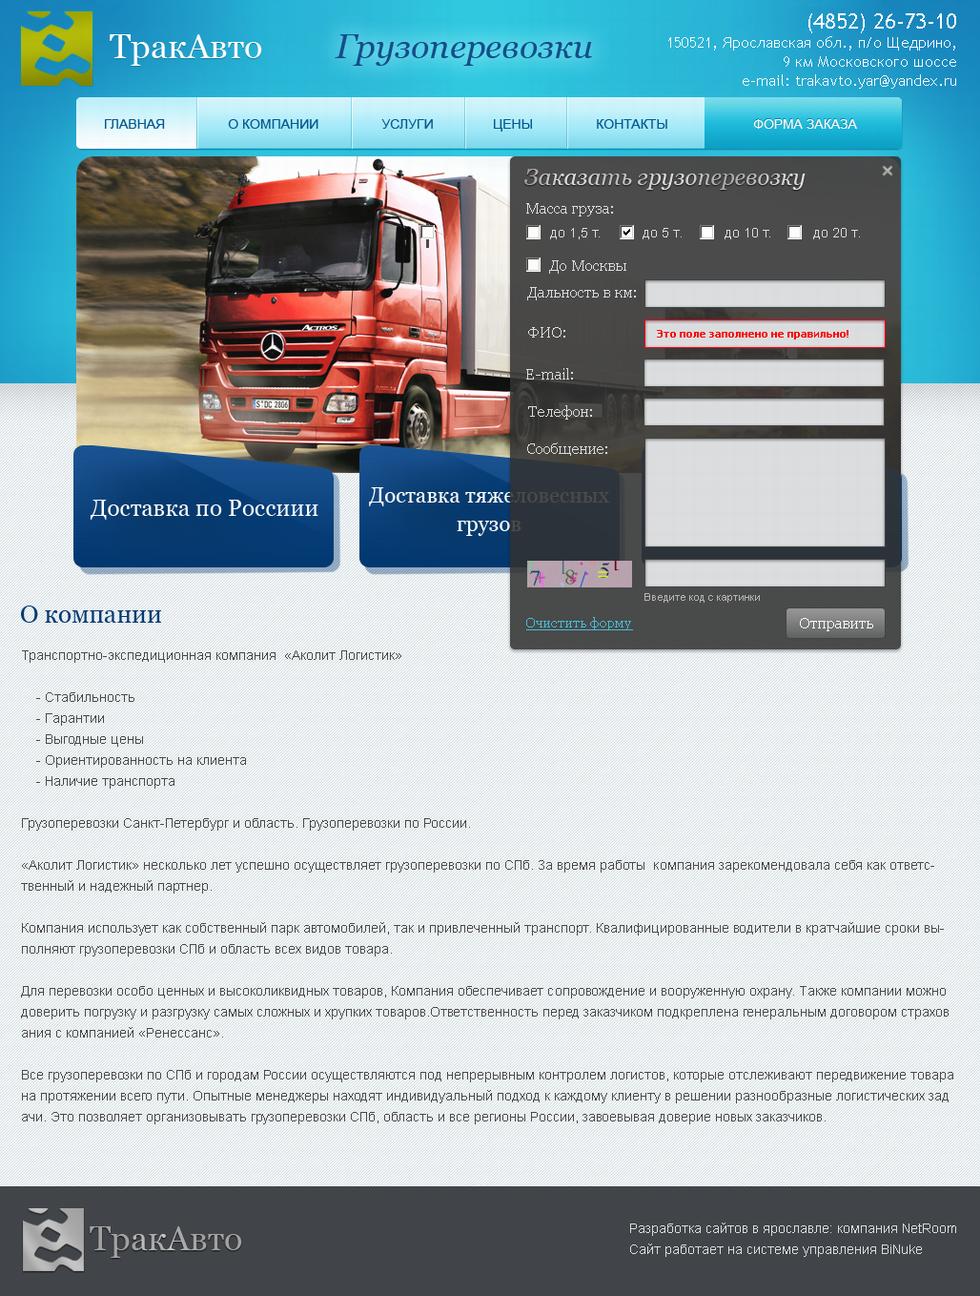 Транспортная компания сайт спб создание сайта с онлайн трансляцией